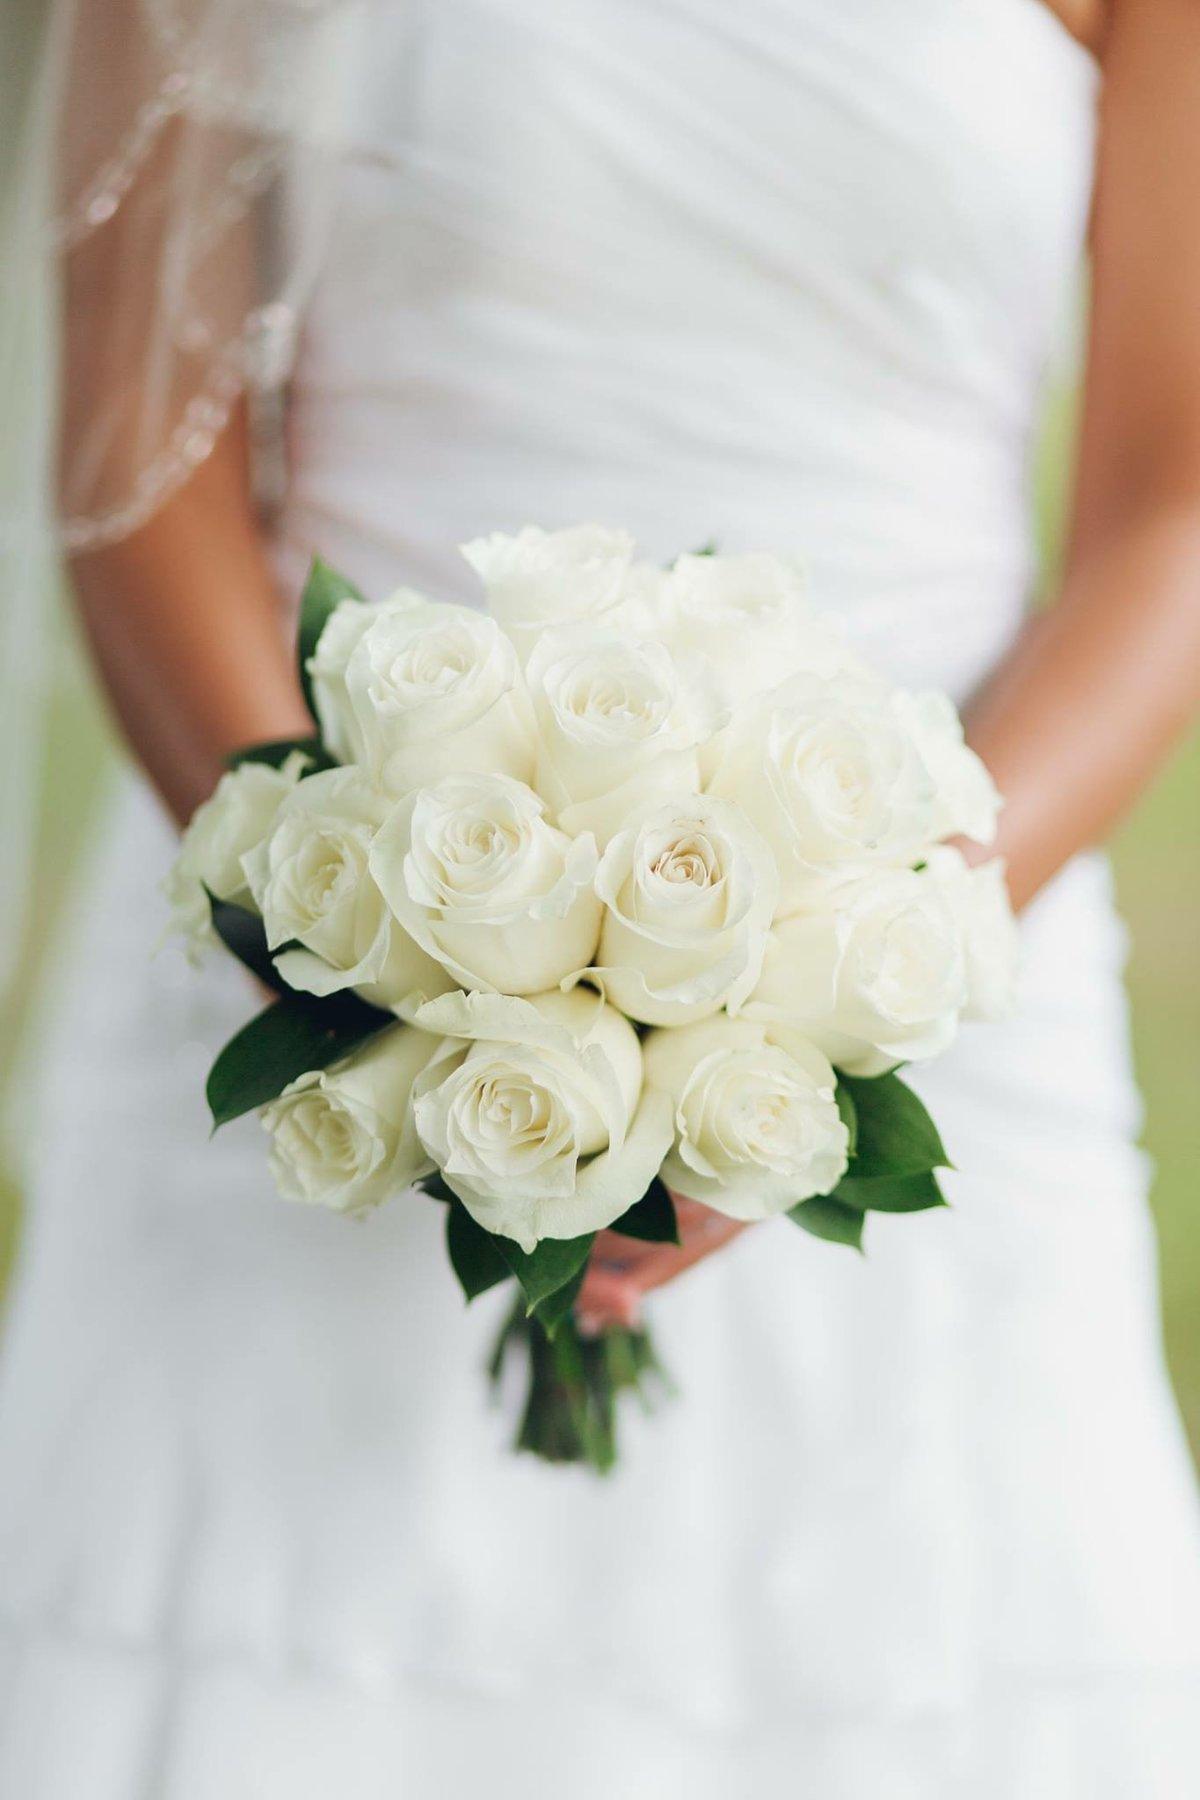 Магазин павловск, букет из белых роз свадебный фото